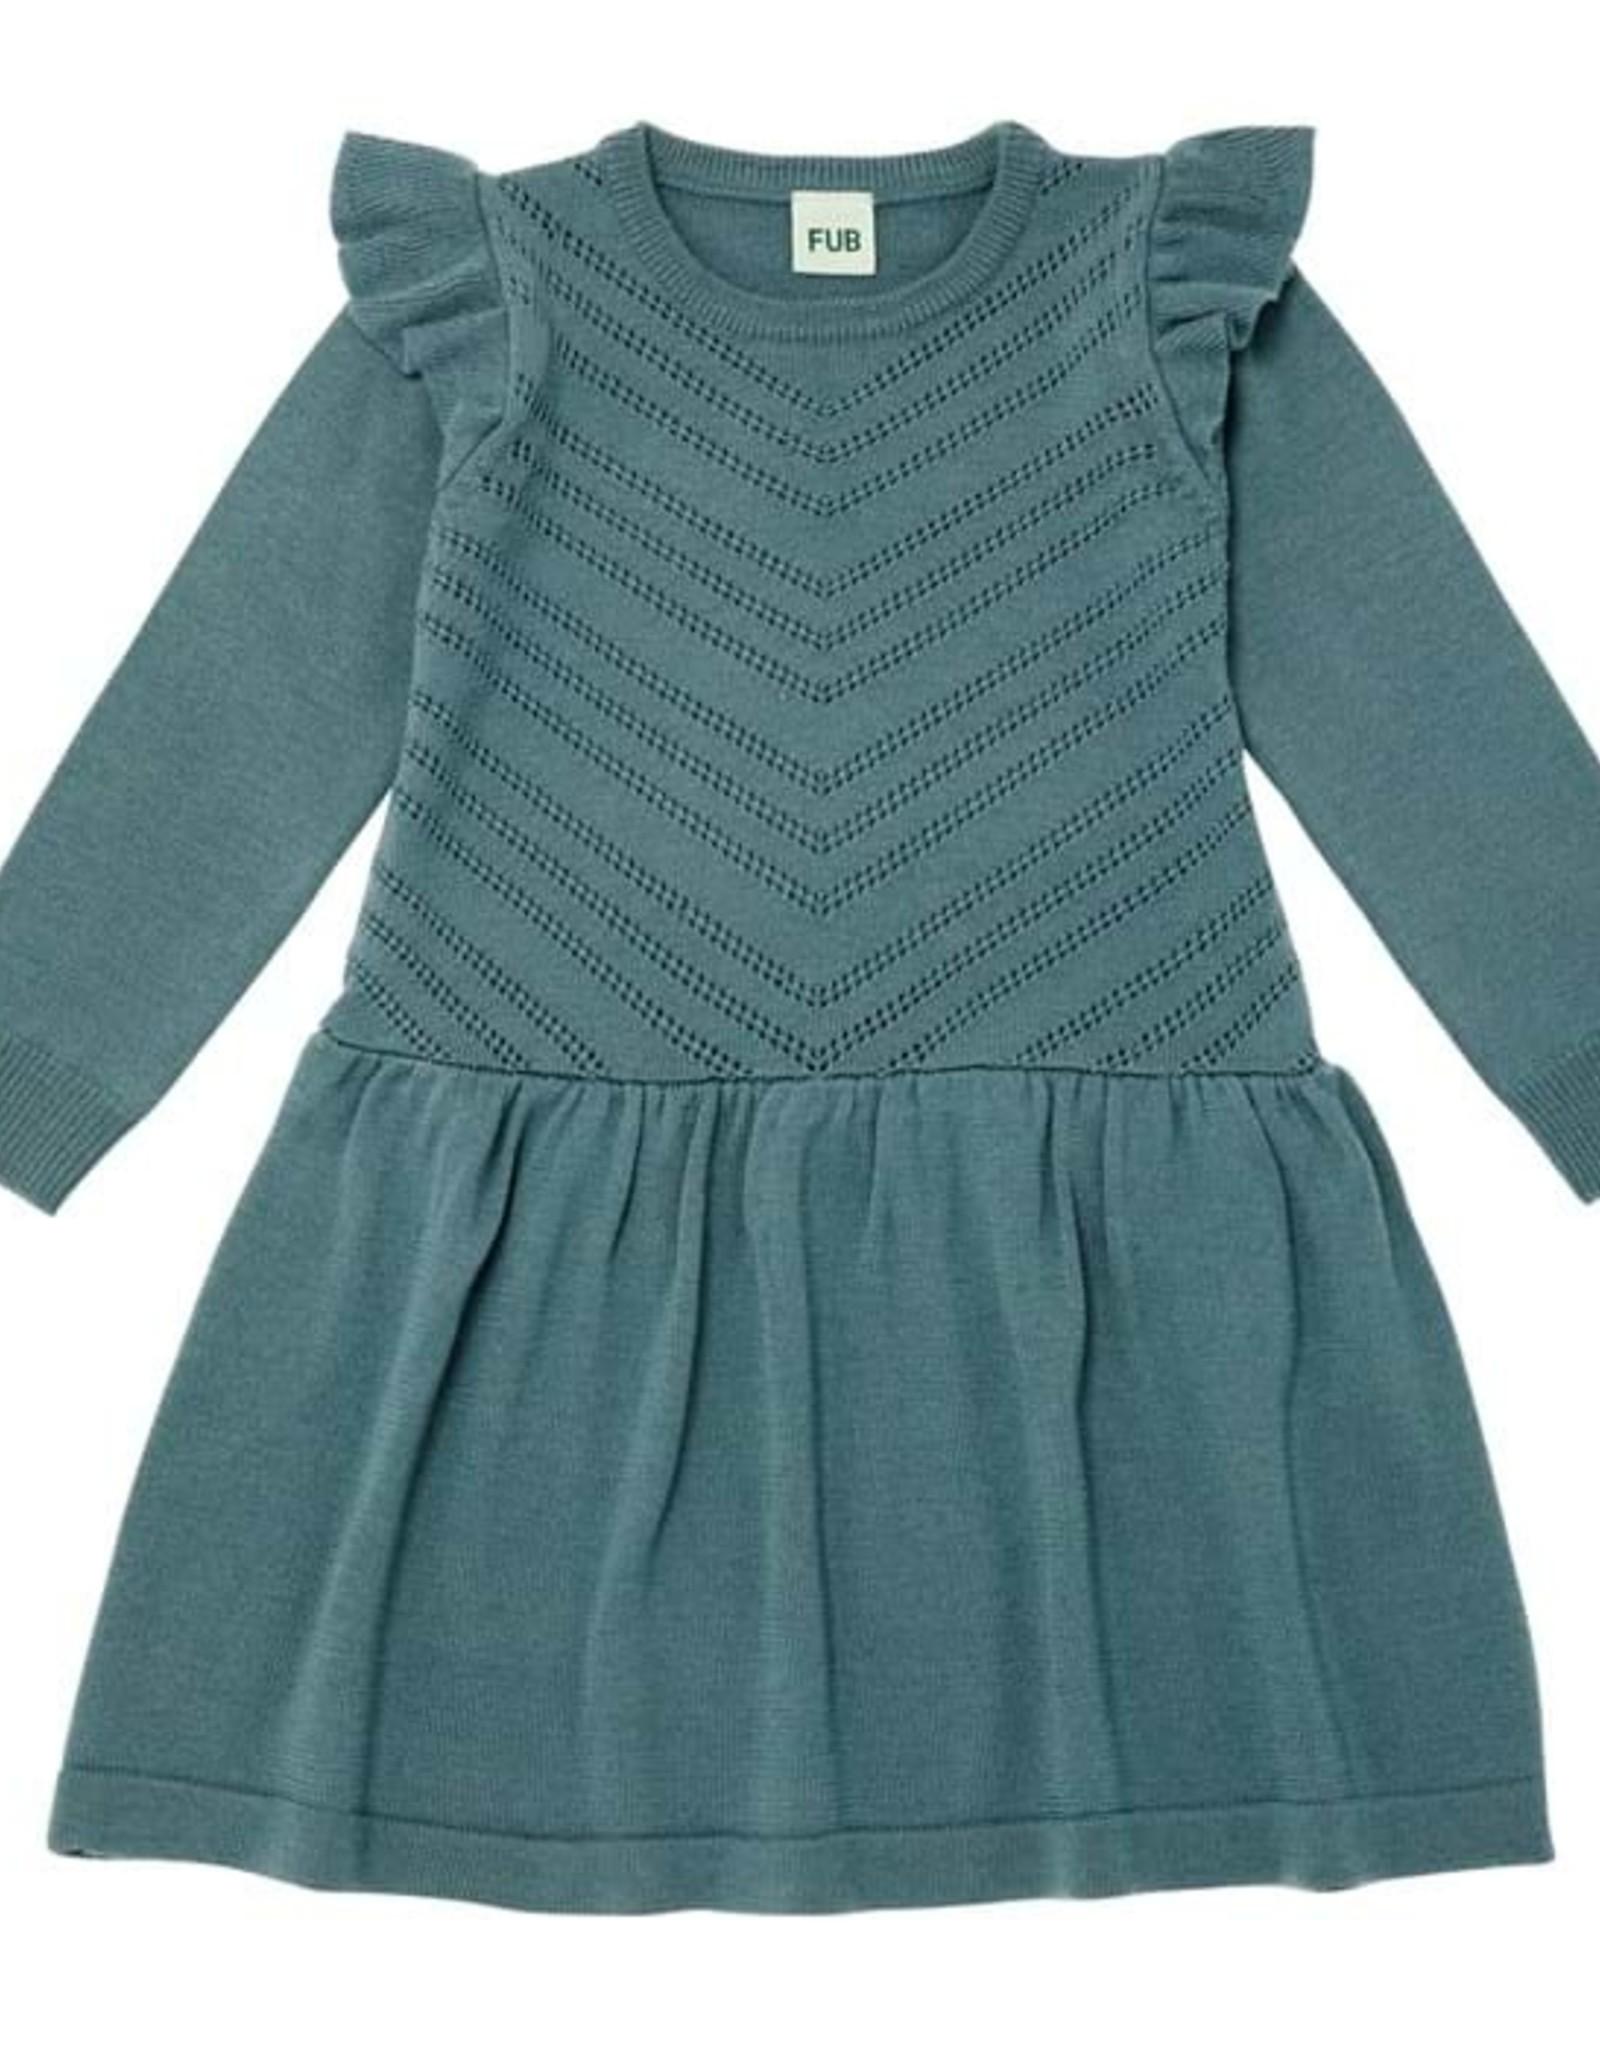 Fub Dress